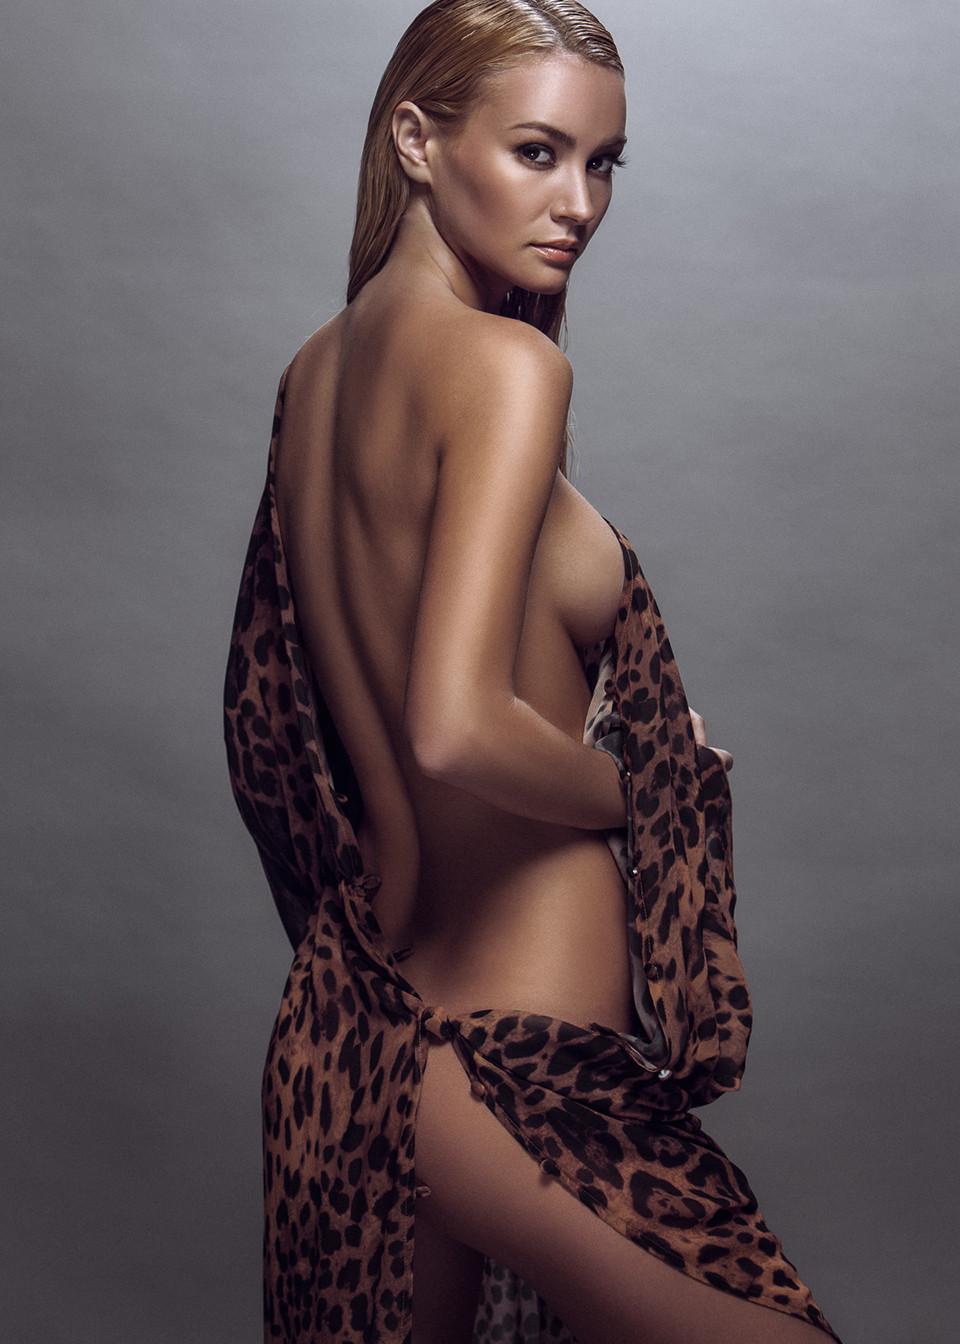 Bryana Holly Naked (9 Photos)